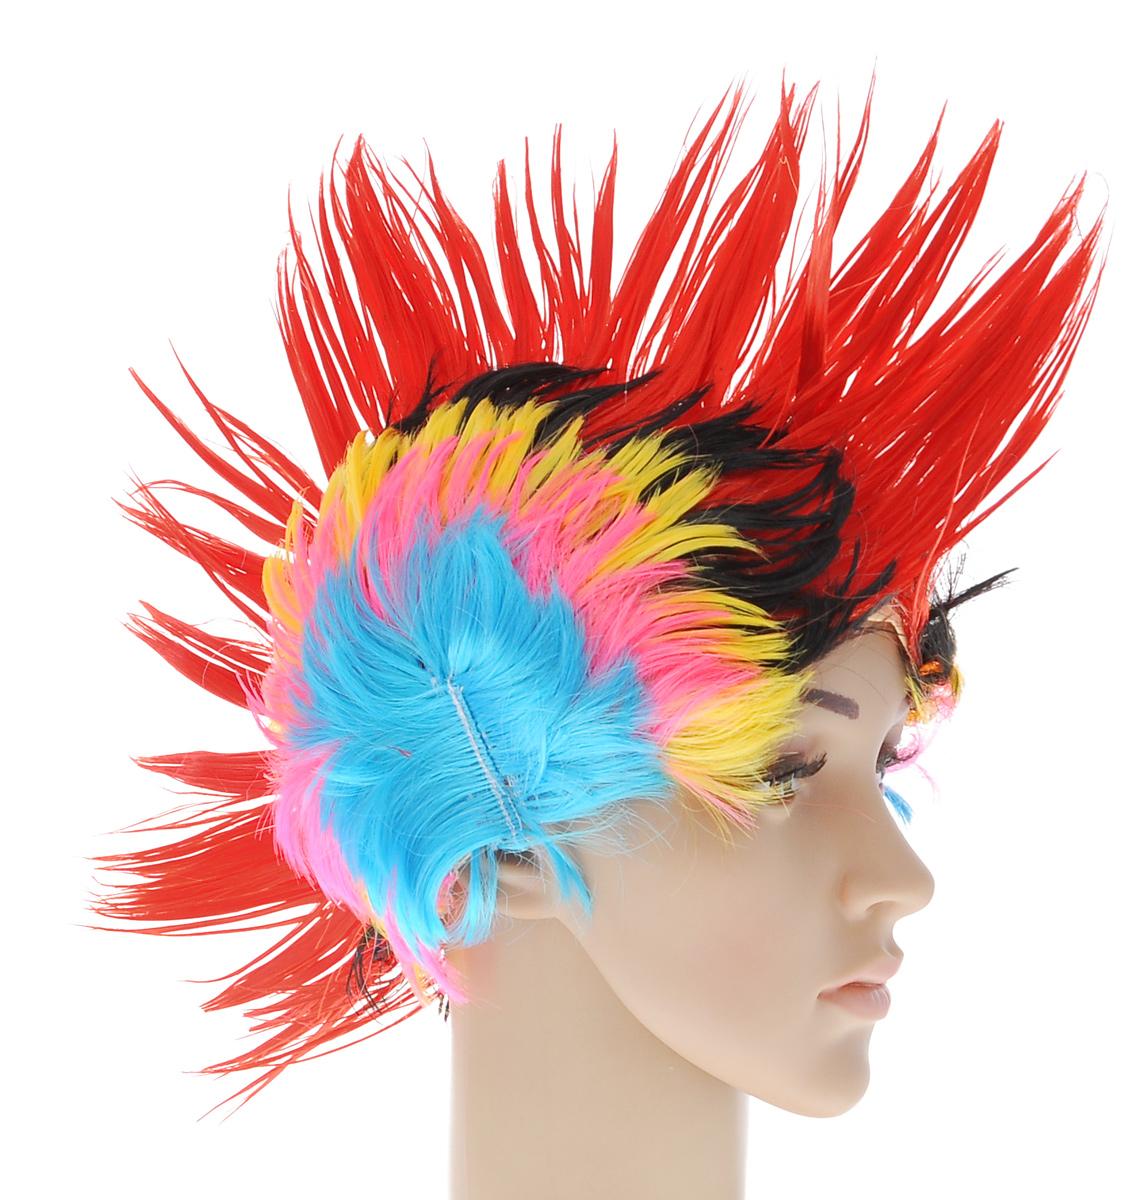 Парик маскарадный Феникс-Презент Панк31215Маскарадный парик Феникс-Презент Панк, изготовленный из полиэстера, представляет собой разноцветный ирокез. В таком парике вы будете выглядеть просто великолепно. Если у вас намечается веселая вечеринка или маскарад, то такой аксессуар легко поможет создать праздничный наряд. Внесите нотку задора и веселья в ваш праздник. Веселое настроение и масса положительных эмоций вам будут обеспечены! Размер: универсальный. Высота ирокеза: 15 см.